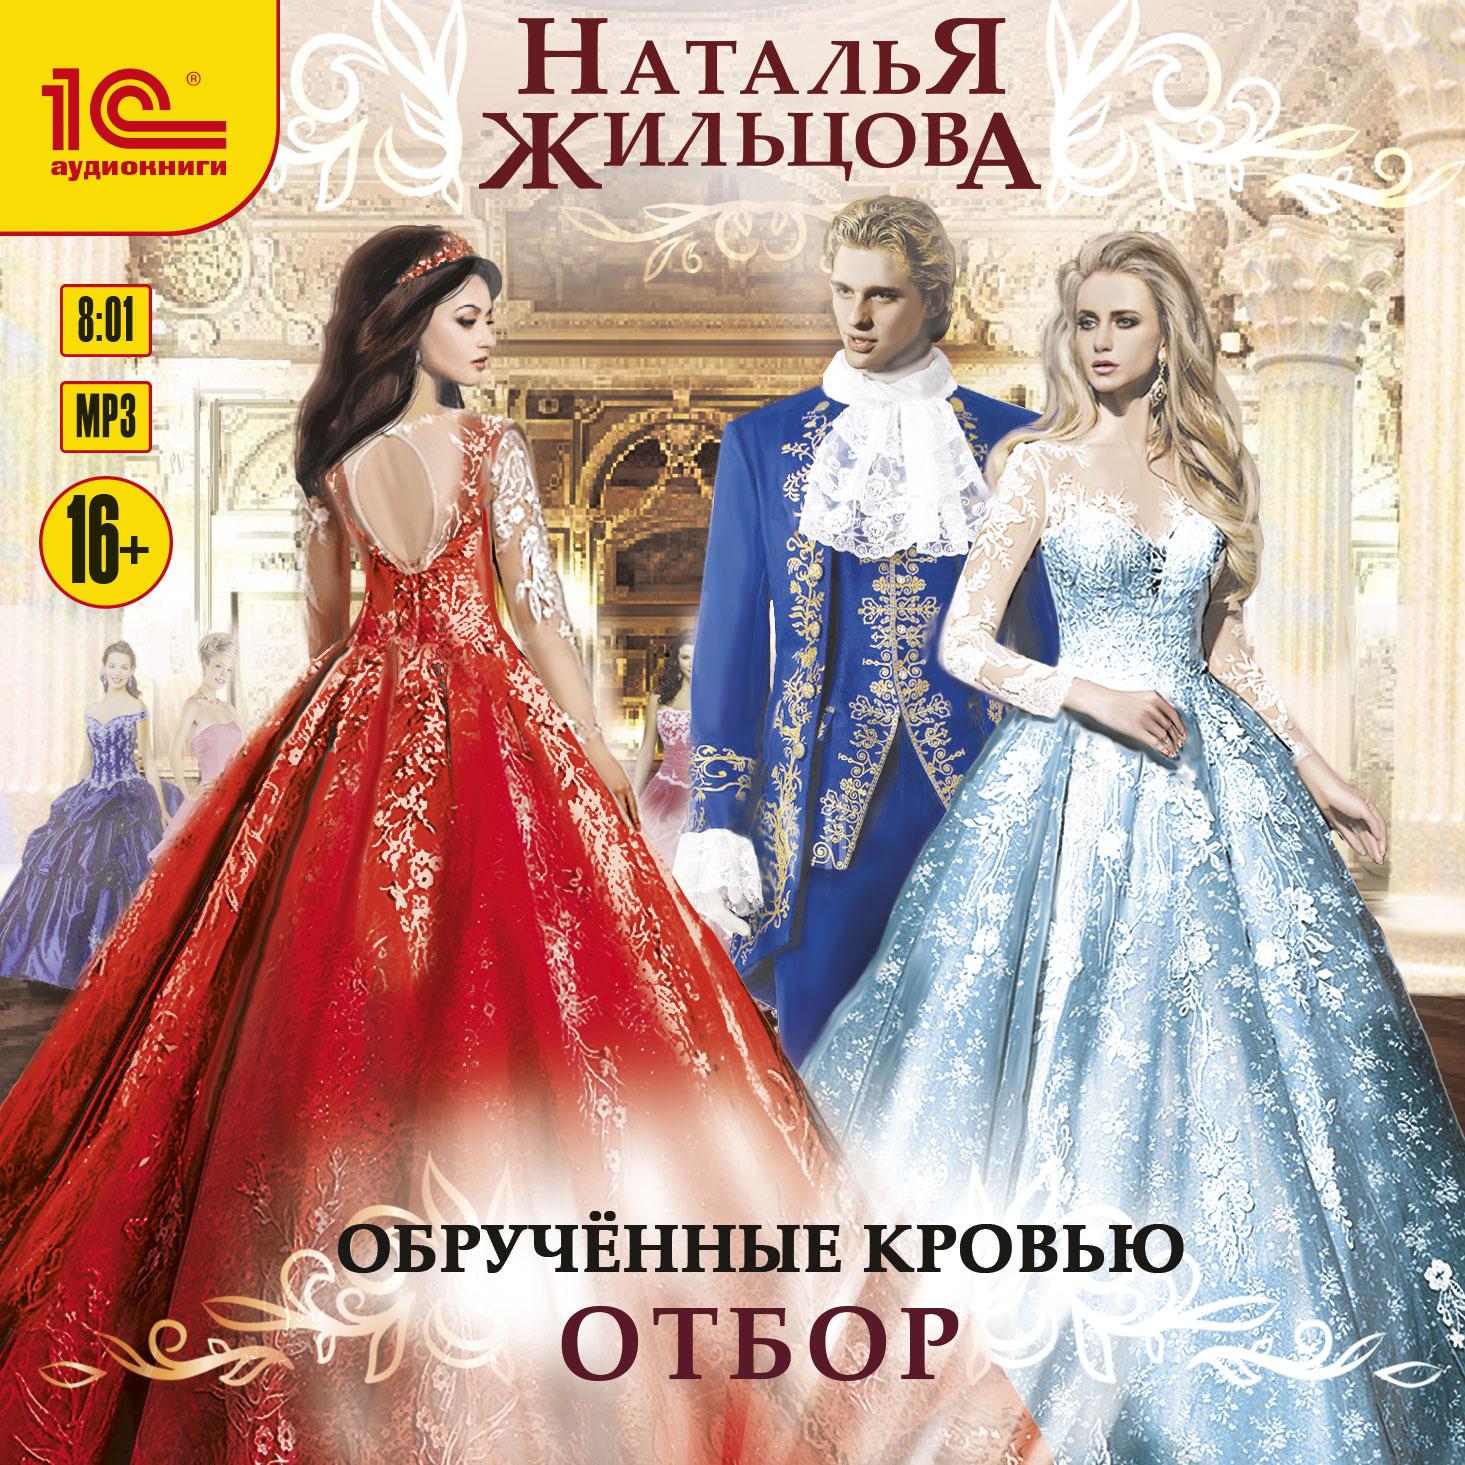 Наталья Жильцова Обрученные кровью. Отбор наталья жильцова две короны турнир